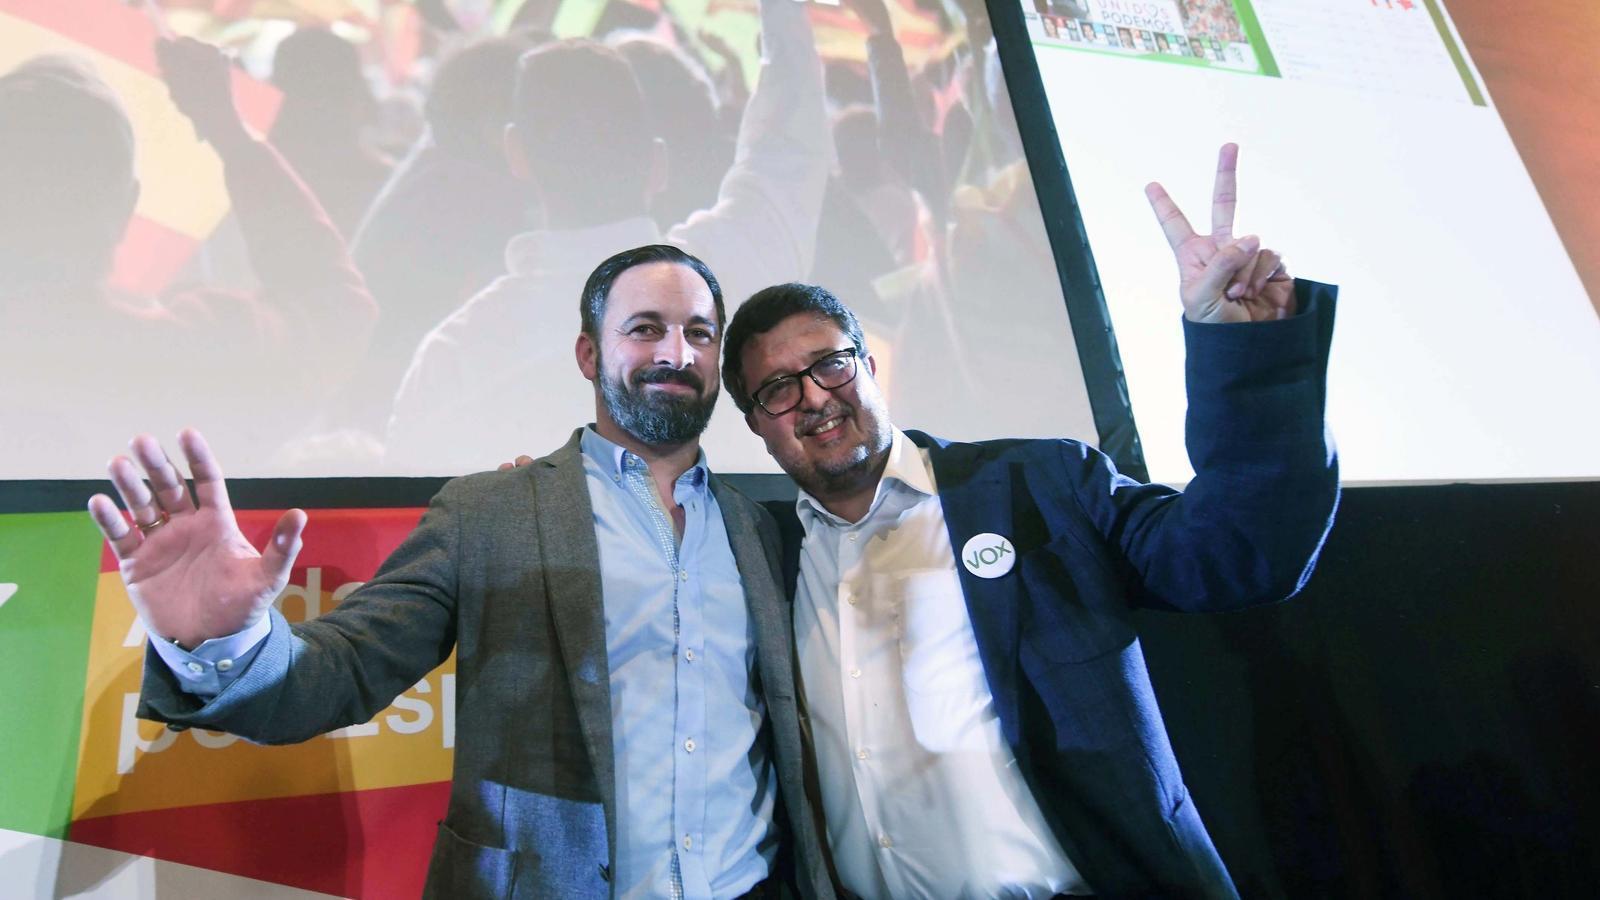 El president de Vox, Santiago Abascal, i el candidat a la presidència de la Junta d'Andalusia, Francisco Serrano, ahir després de conèixer els resultats de les eleccions andaluses